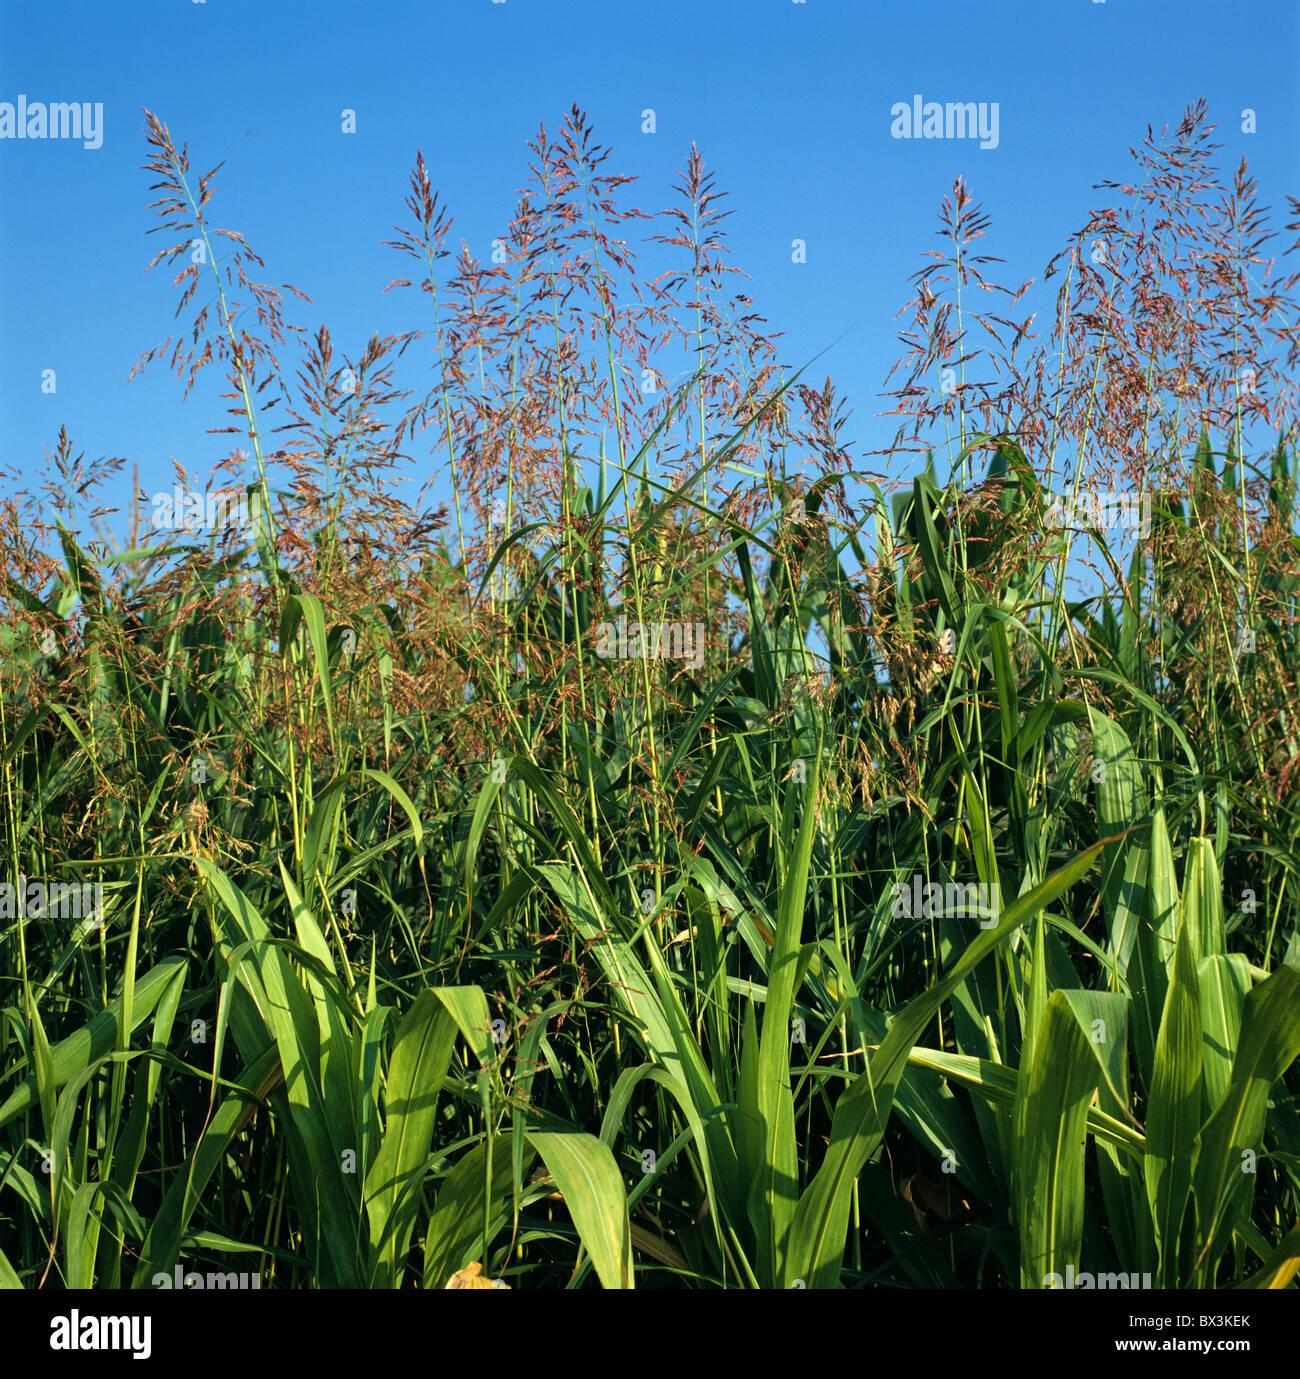 Johnson ricopre d'erba (halepense di Sorgo) fioritura in una matura il raccolto di mais, Italia Immagini Stock